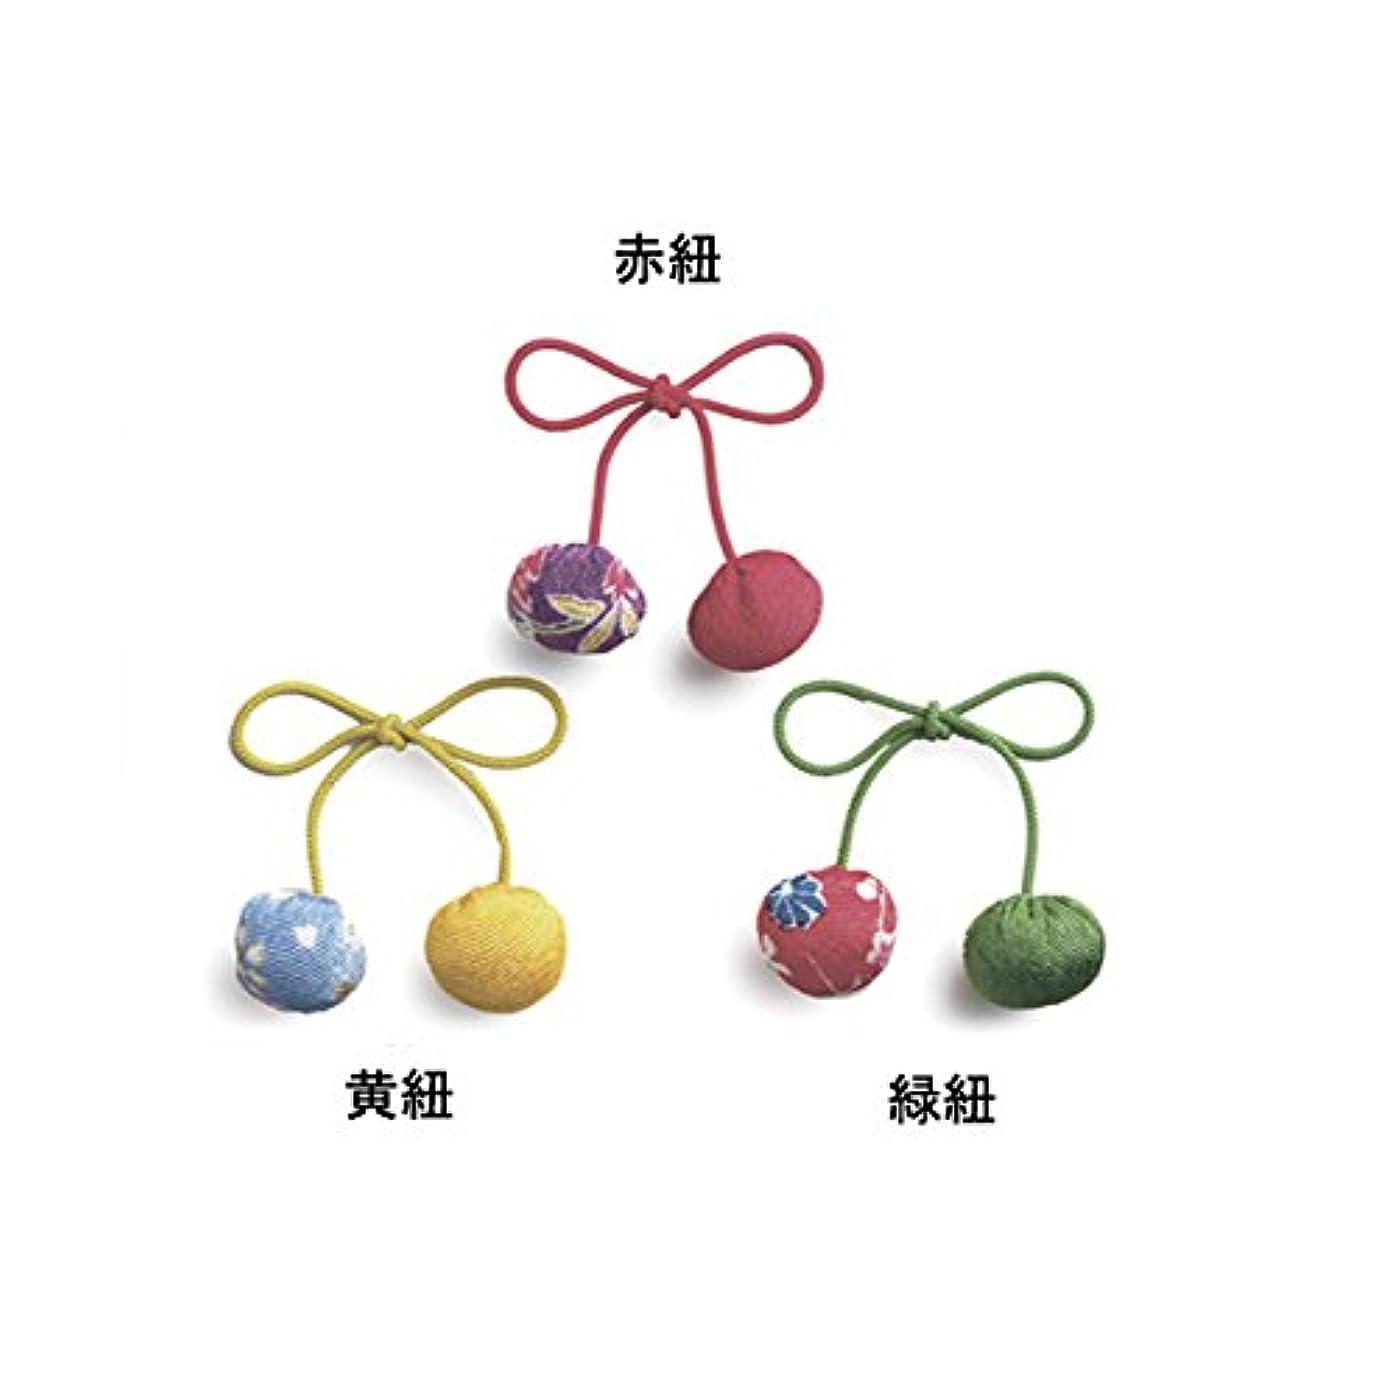 愛人分解する法的香り結び紐 (黄)